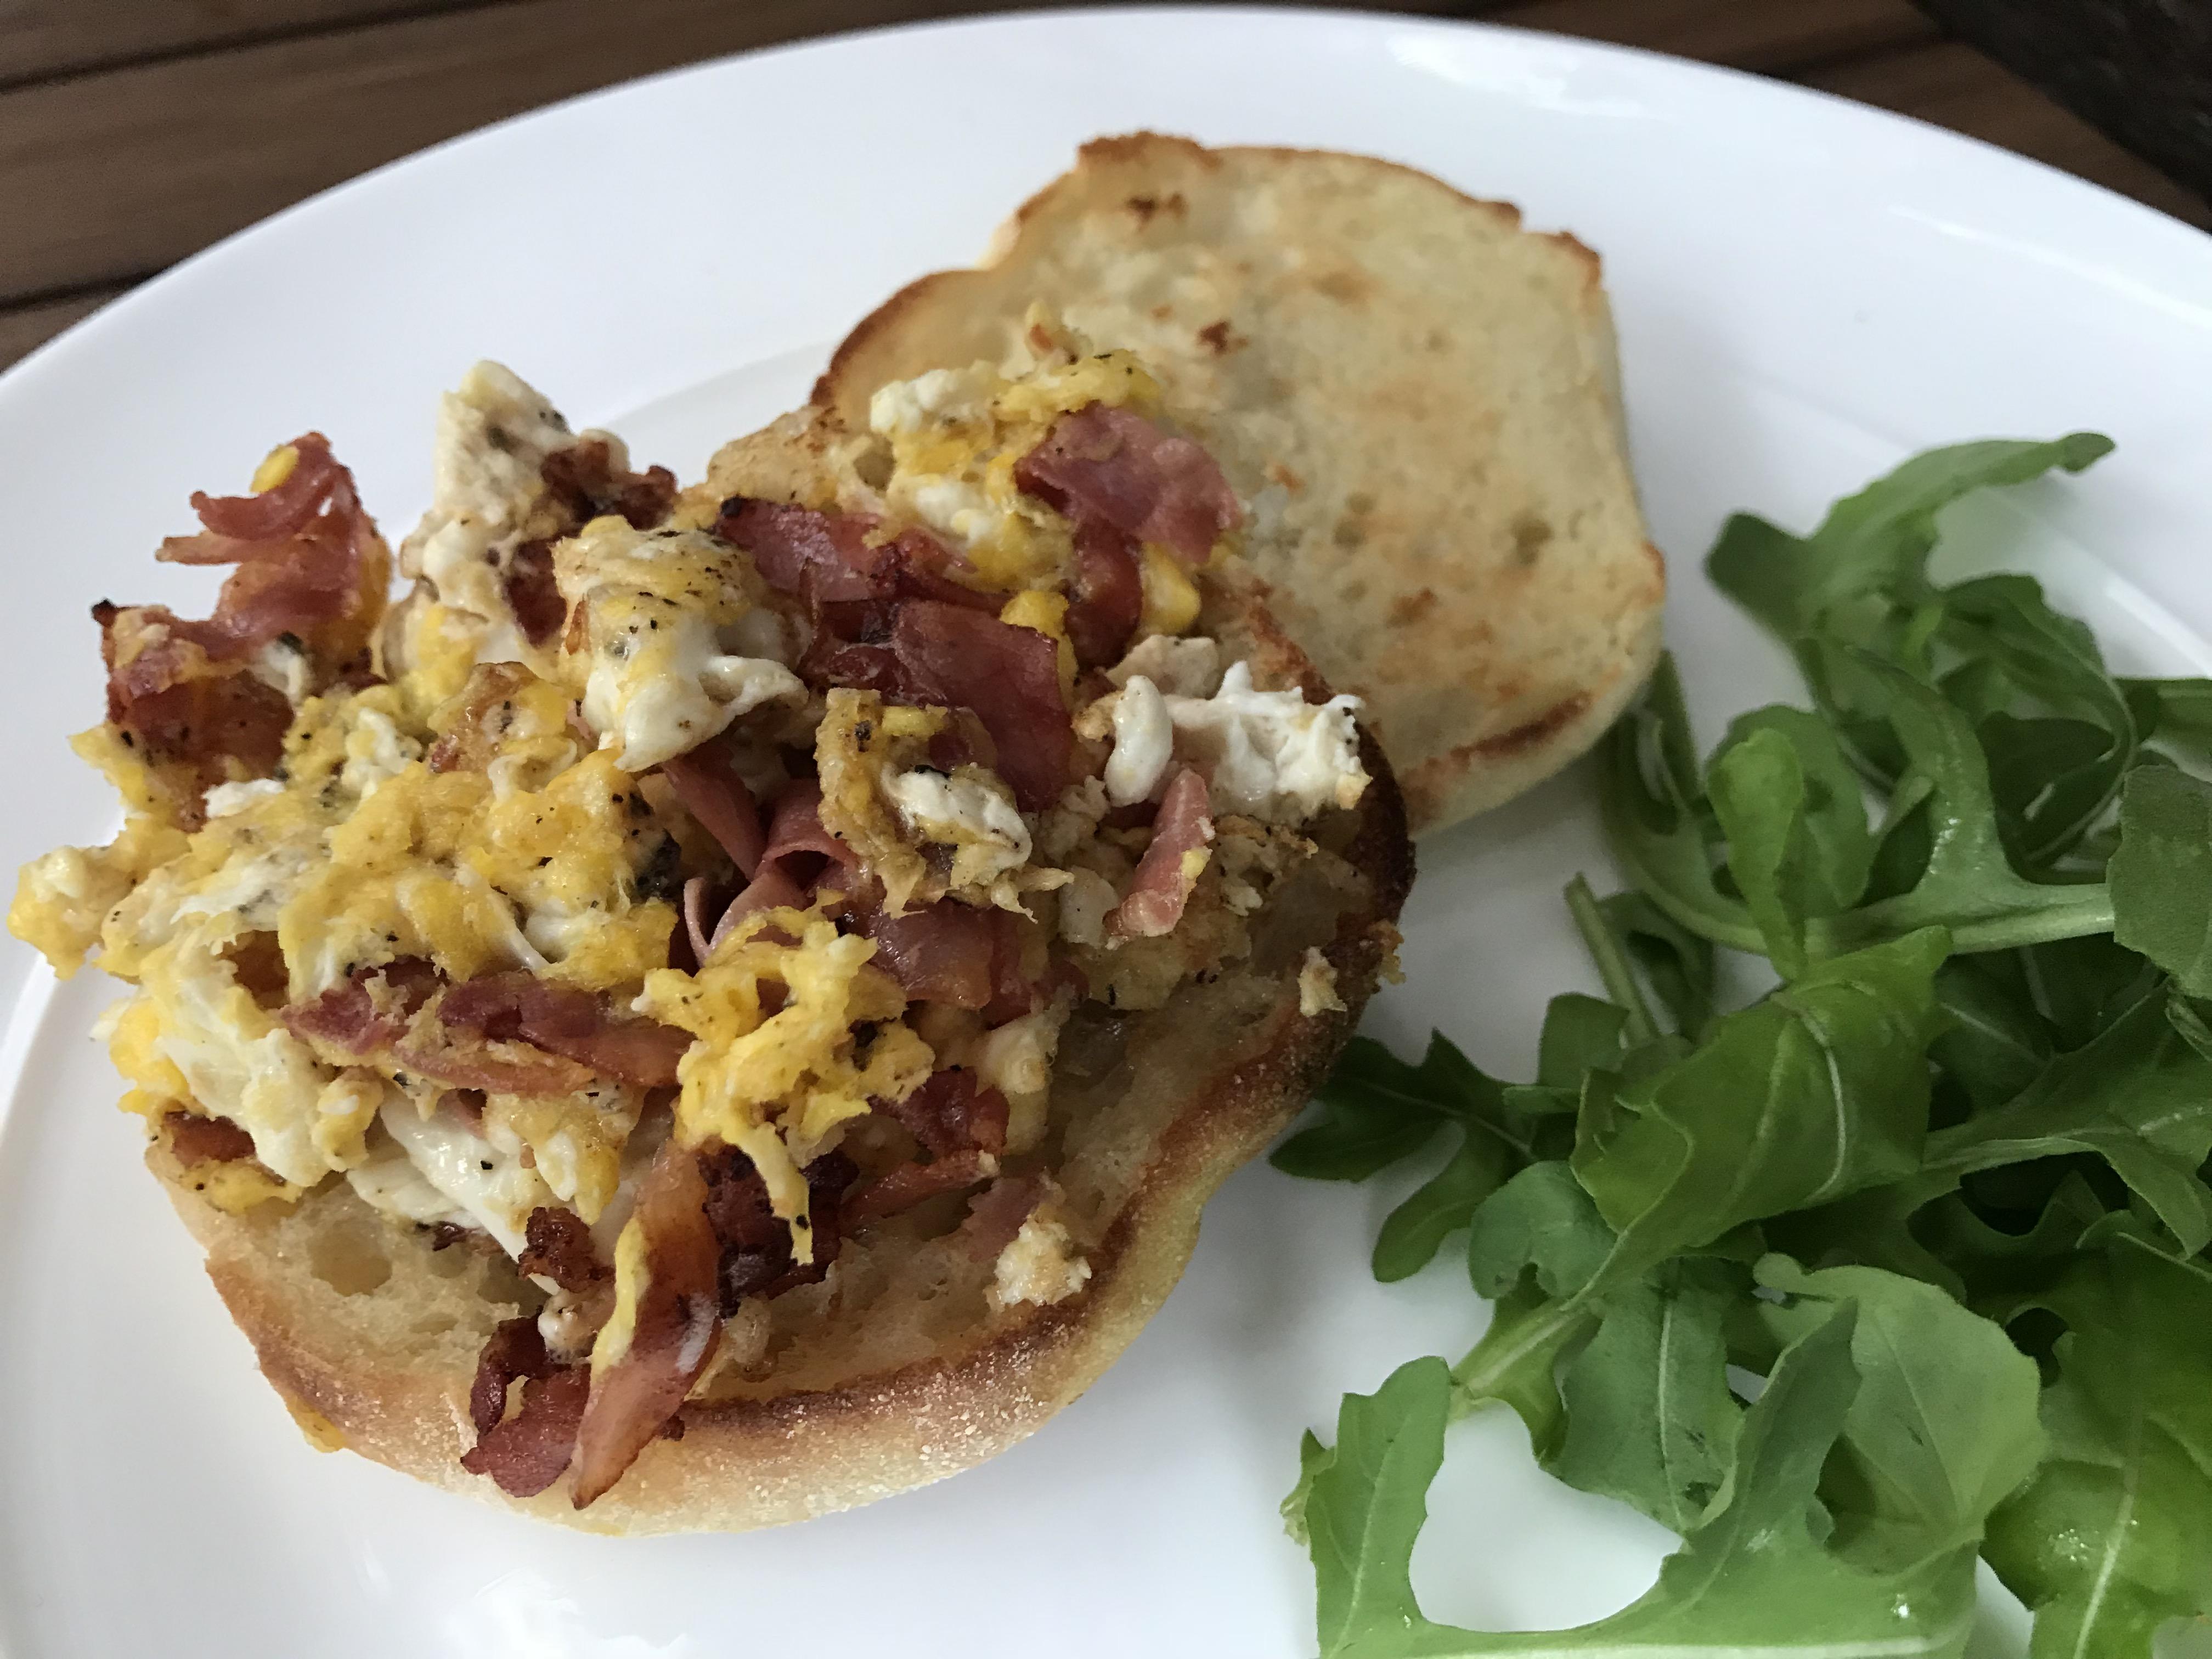 Egg prosciutto sandwish